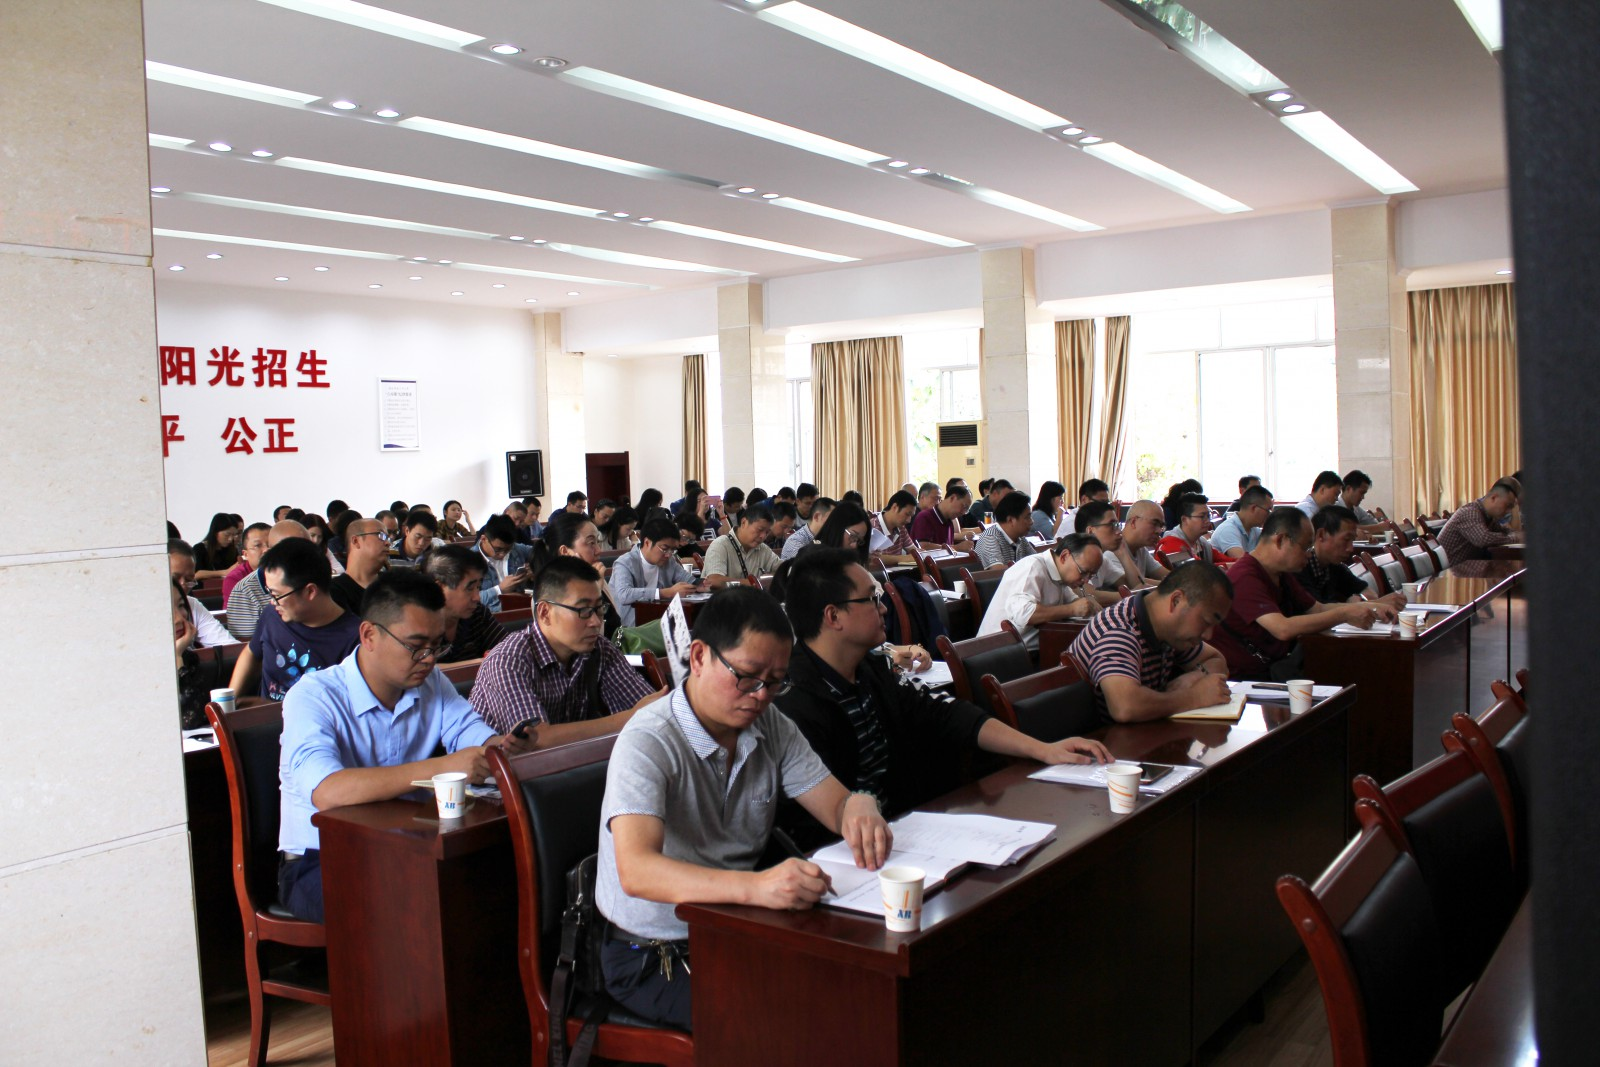 何晓巍出席2019年成都市书法水平测试报名工作暨培训会 –